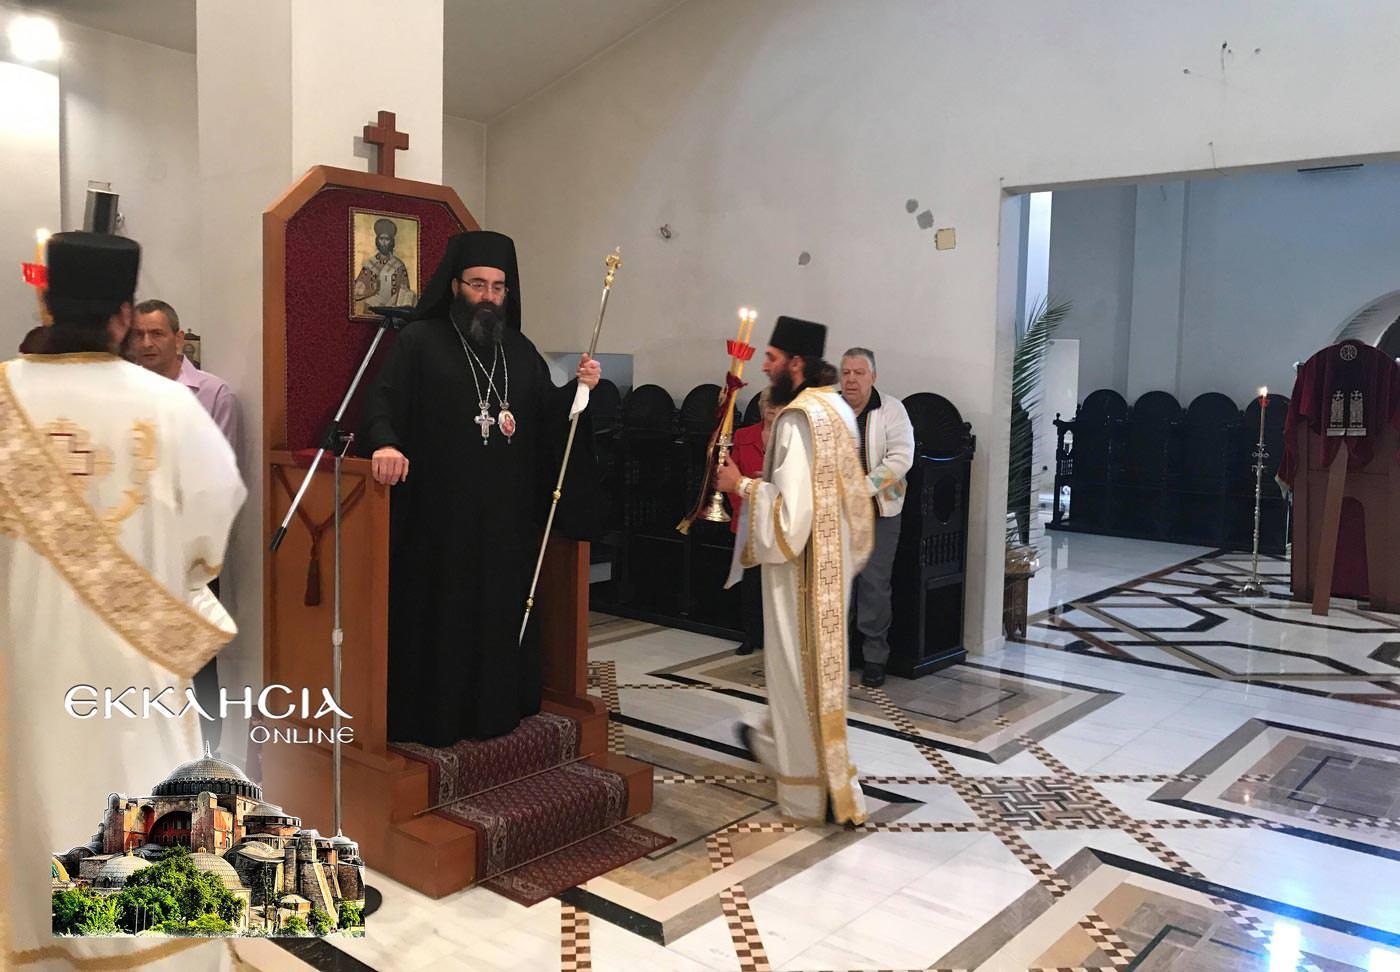 Ιερά Μονή Αγίου Νεκταρίου και Φανουρίου Φωκίδα 2019